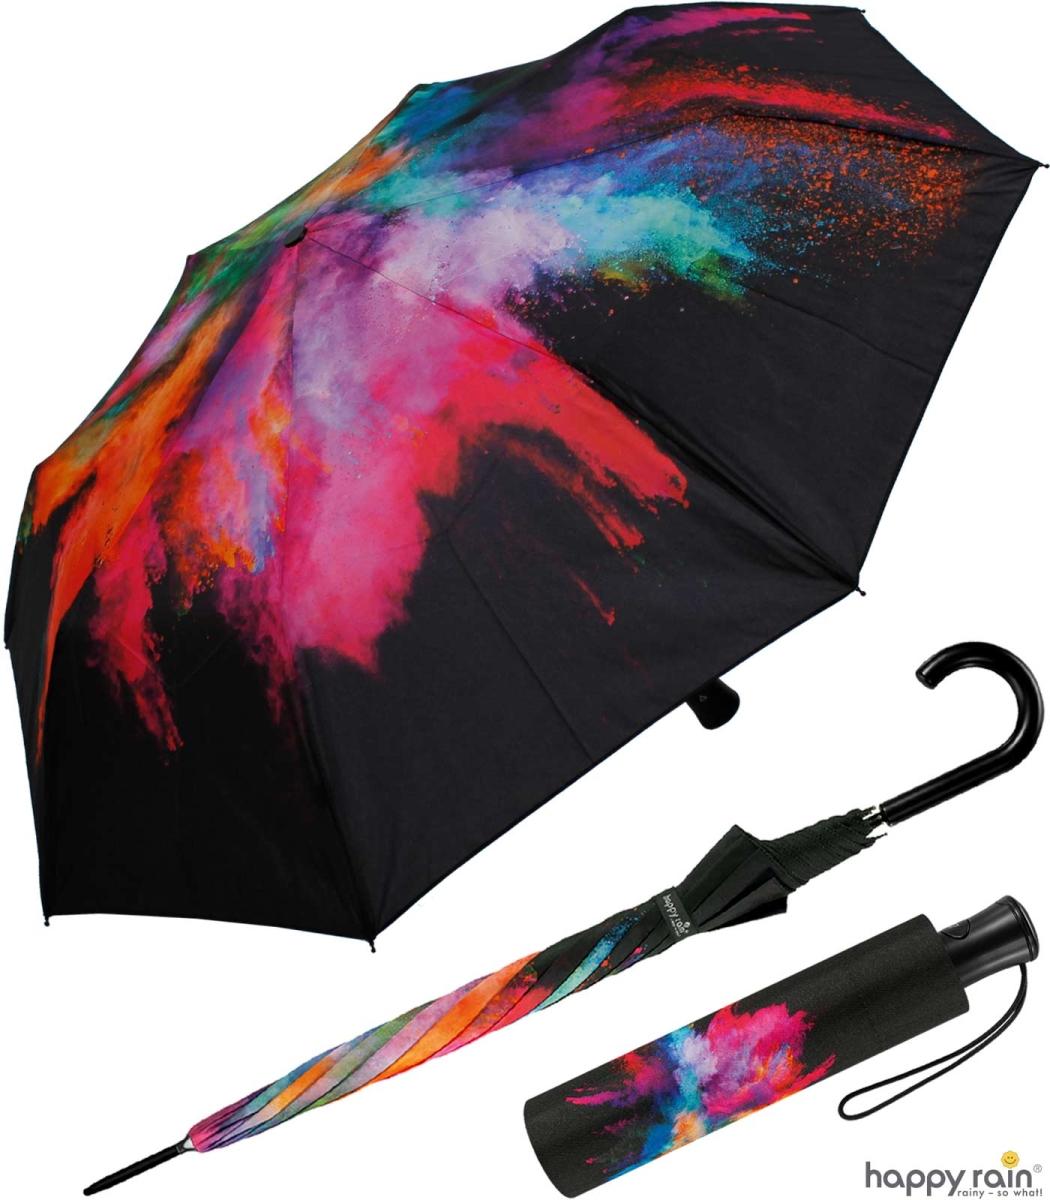 regenschirm groß stabil mit automatik schwarz bedruckt